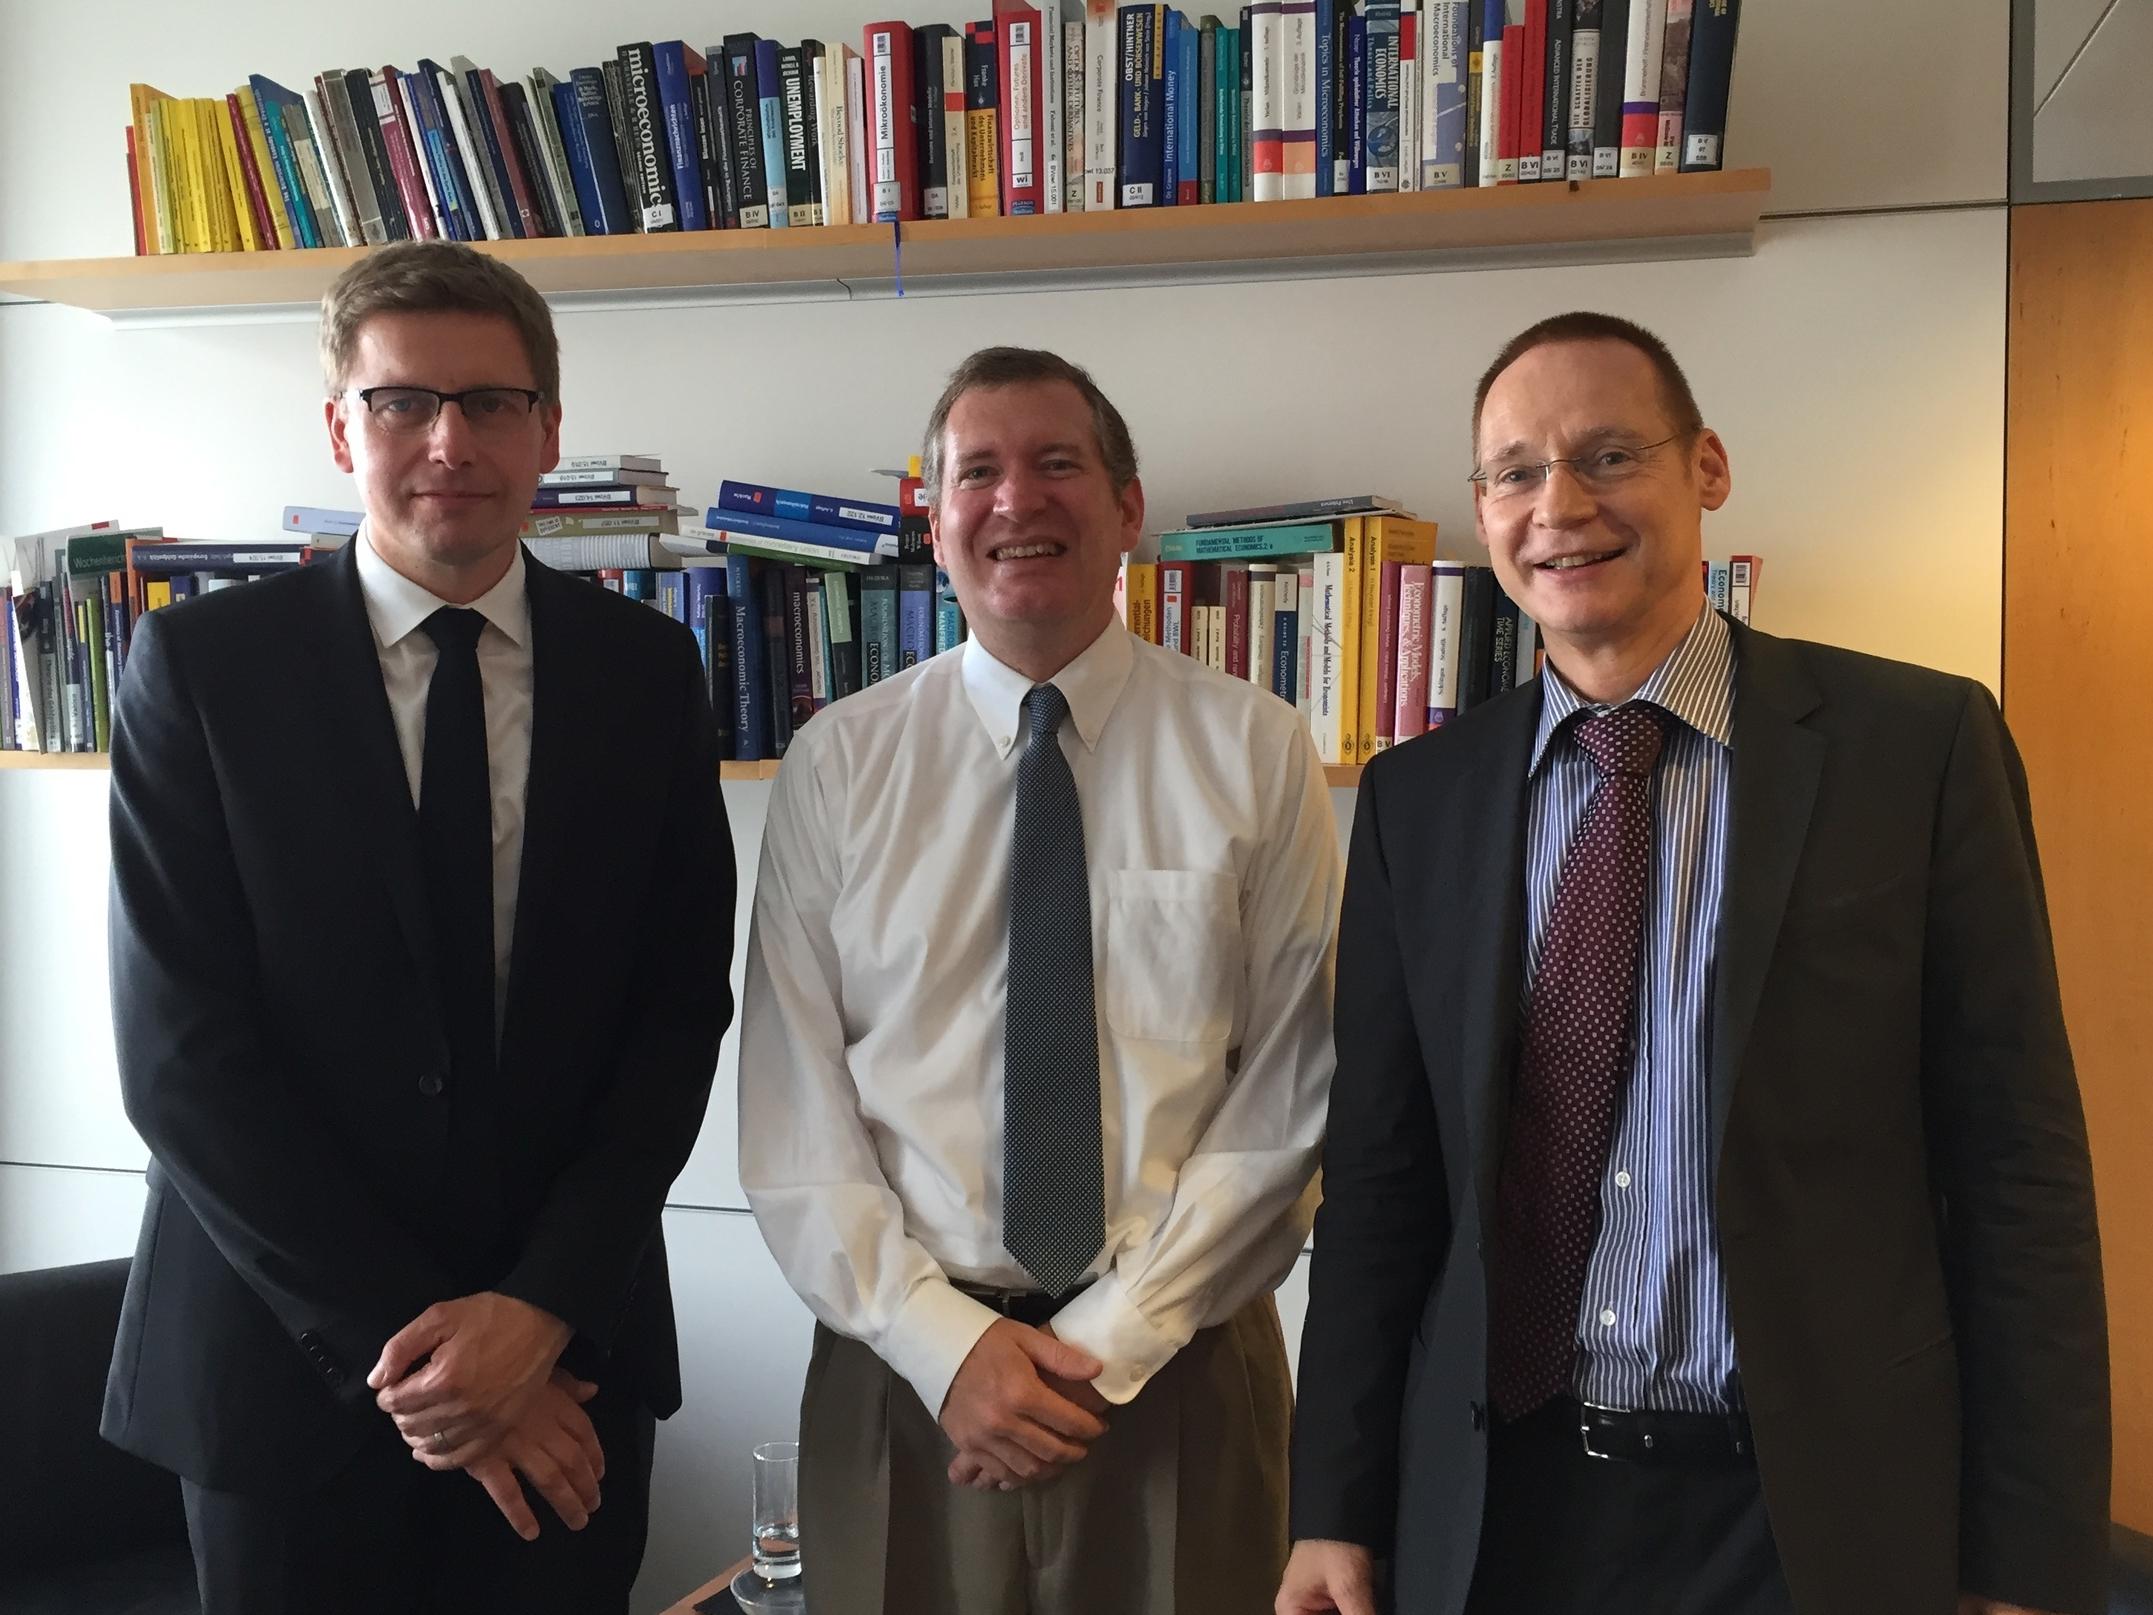 John Lunt with Matthias Schrape and Dr. Albrecht Sommer of the Deutsche Bundesbank